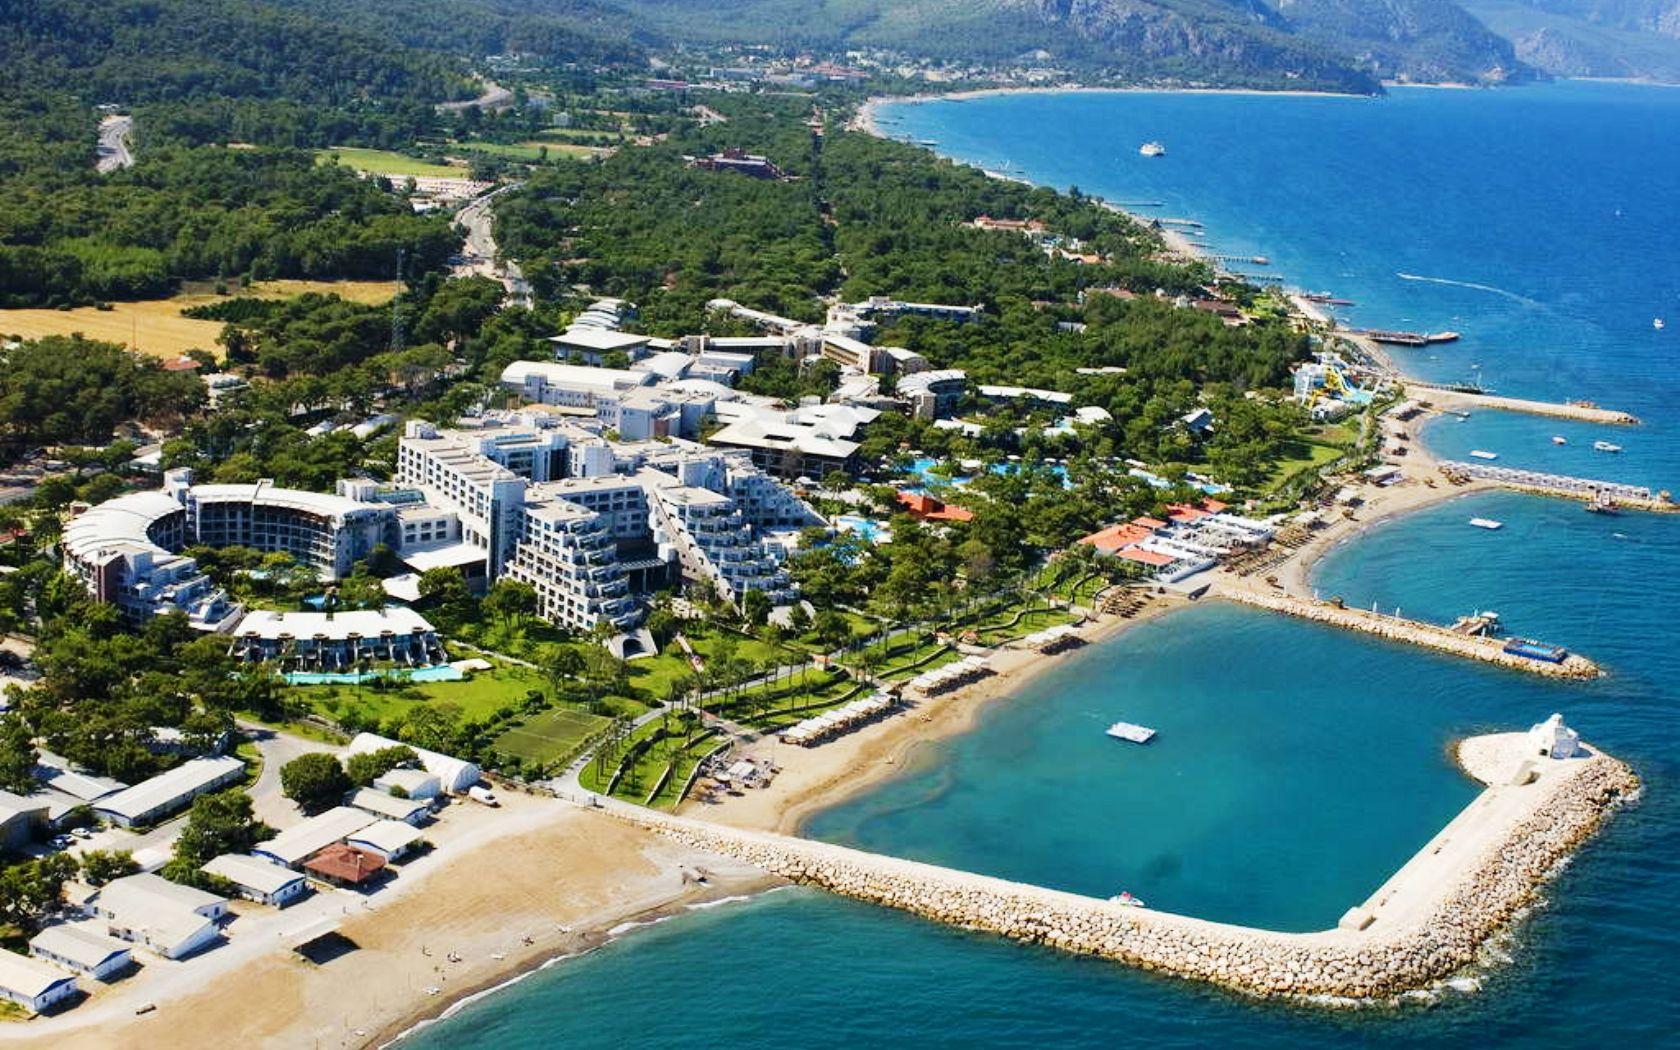 Картинки по запросу Rixos Hotels в турции